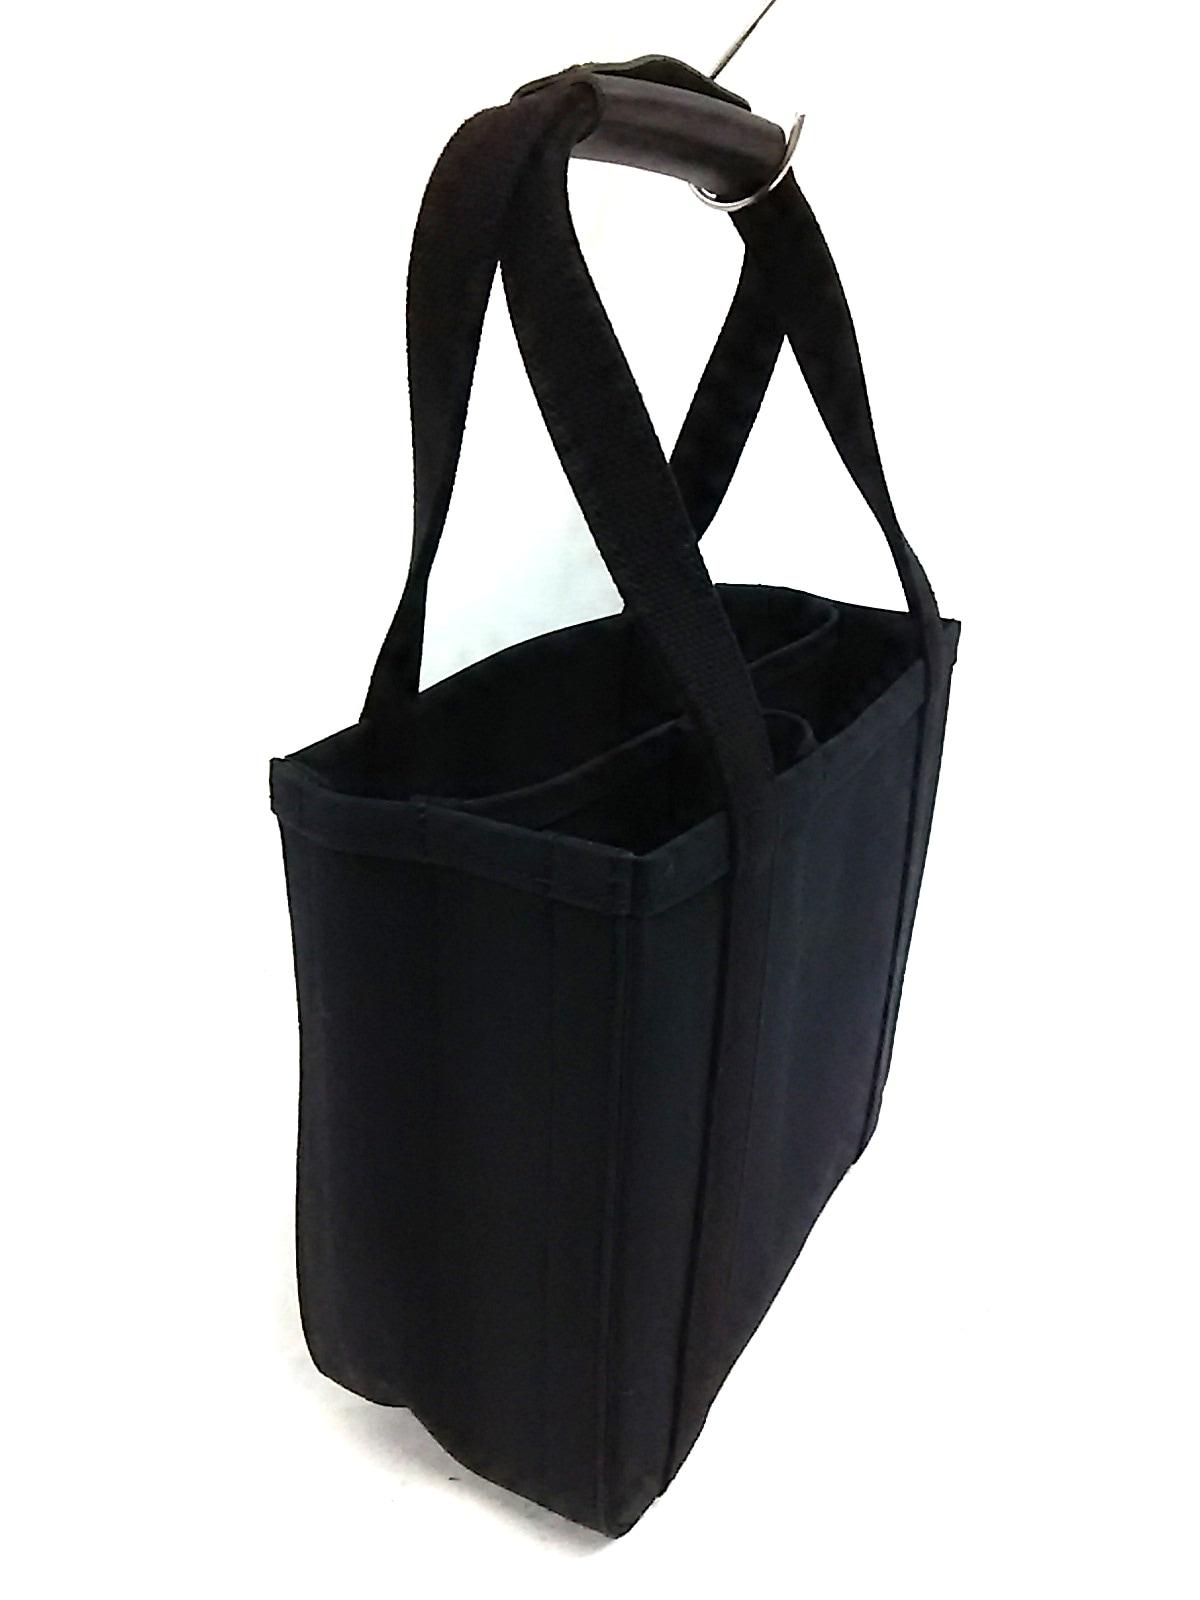 CHACOLI(チャコリ)のトートバッグ